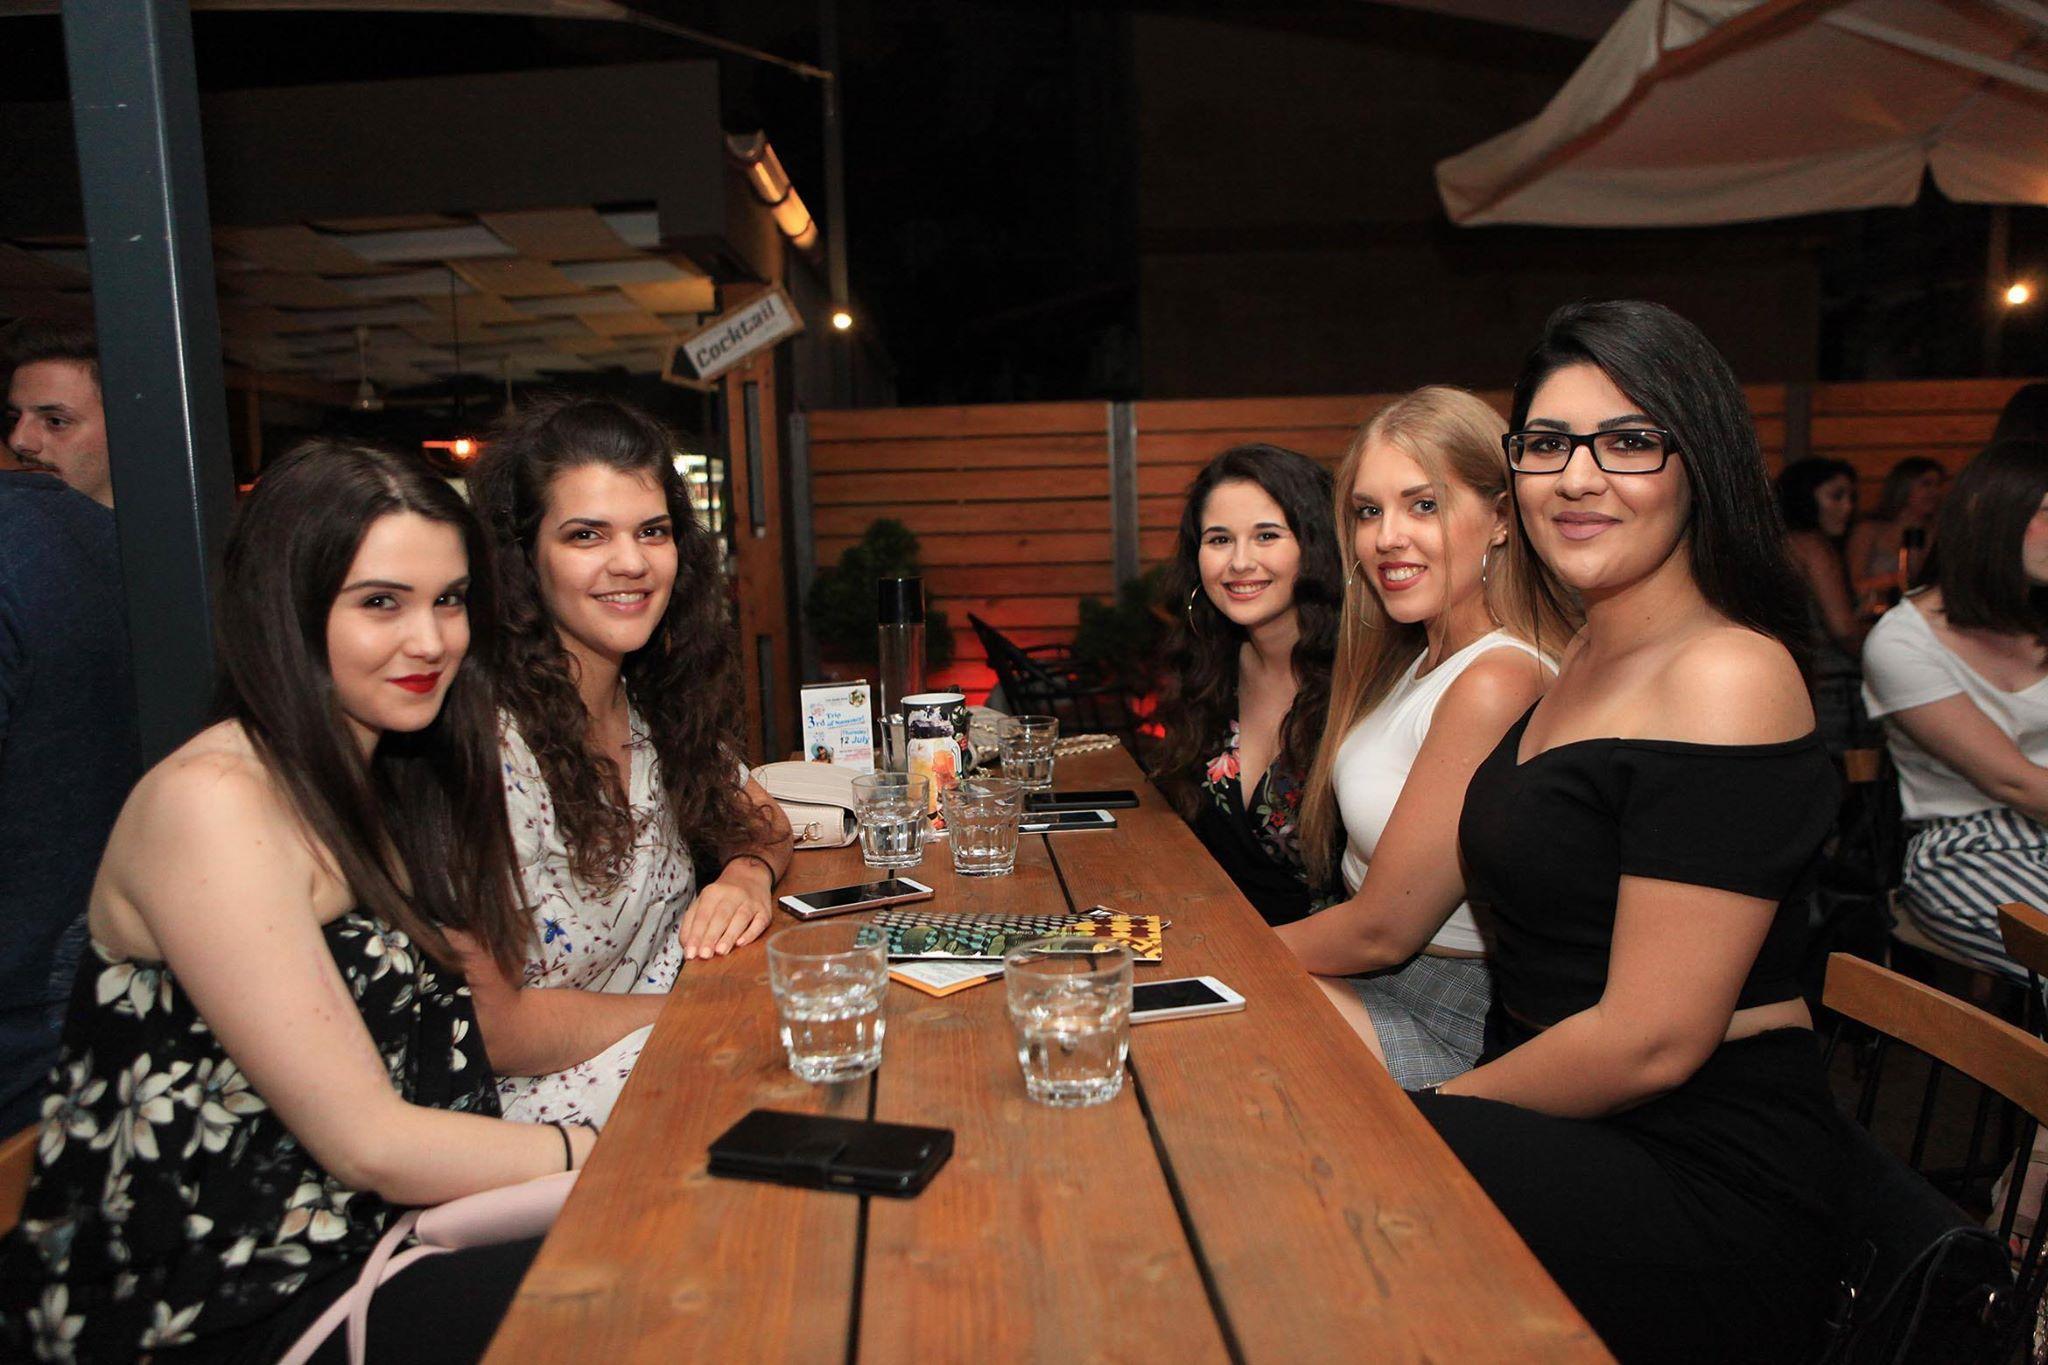 Γεμάτο από κόσμο το «The Mind Bar» στην Κοζάνη, στο καλοκαιρινό πάρτι 3rd Trip of Summer, το βράδυ της Πέμπτης 12 Ιουλίου